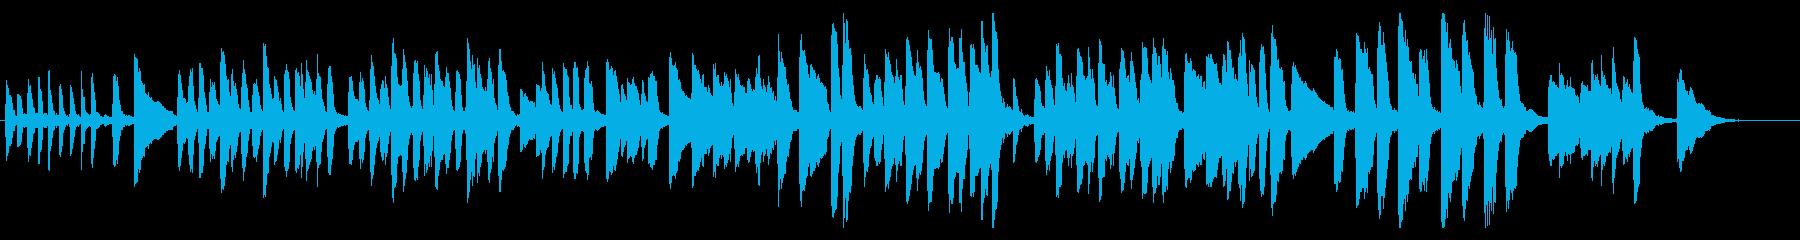 短くてかわいいピアノ曲の再生済みの波形